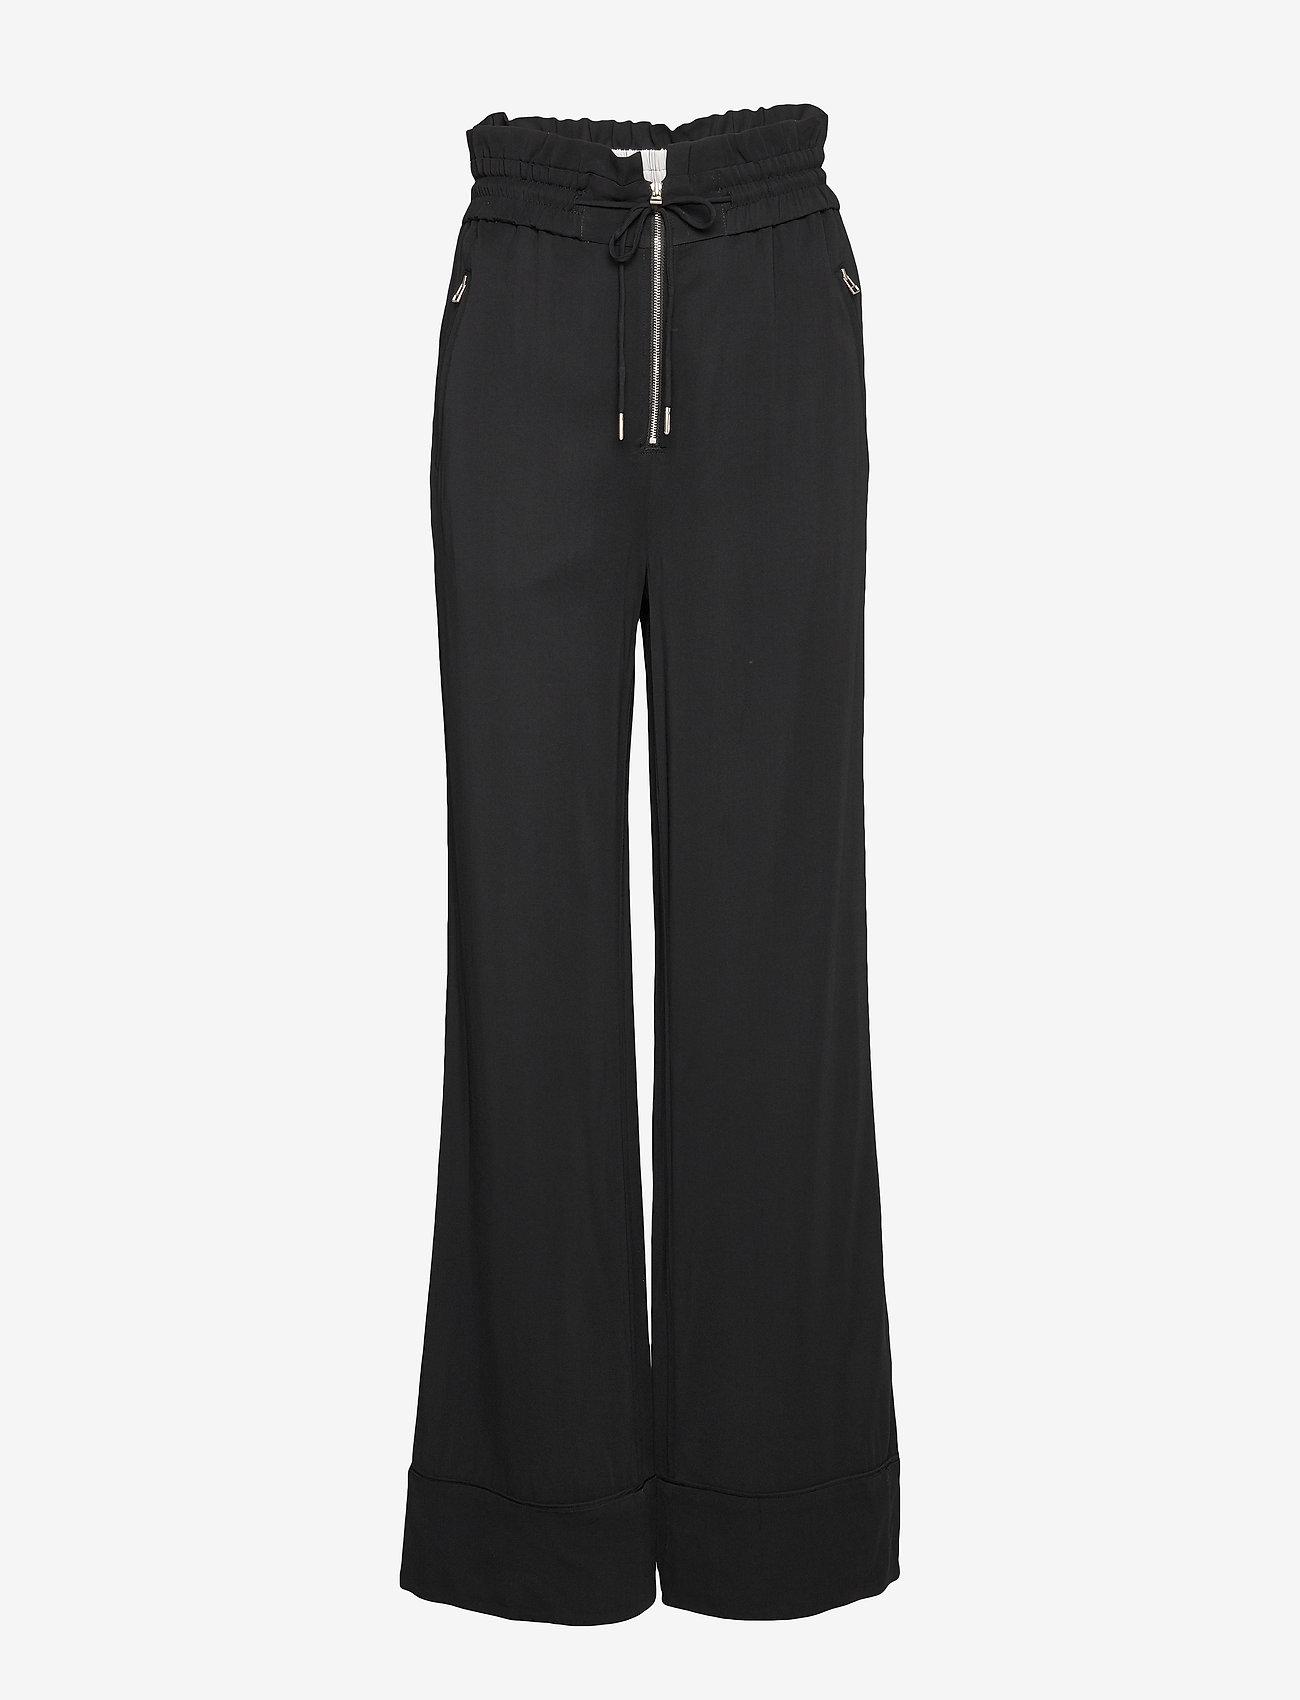 Noa Noa - Trousers - pantalons larges - black